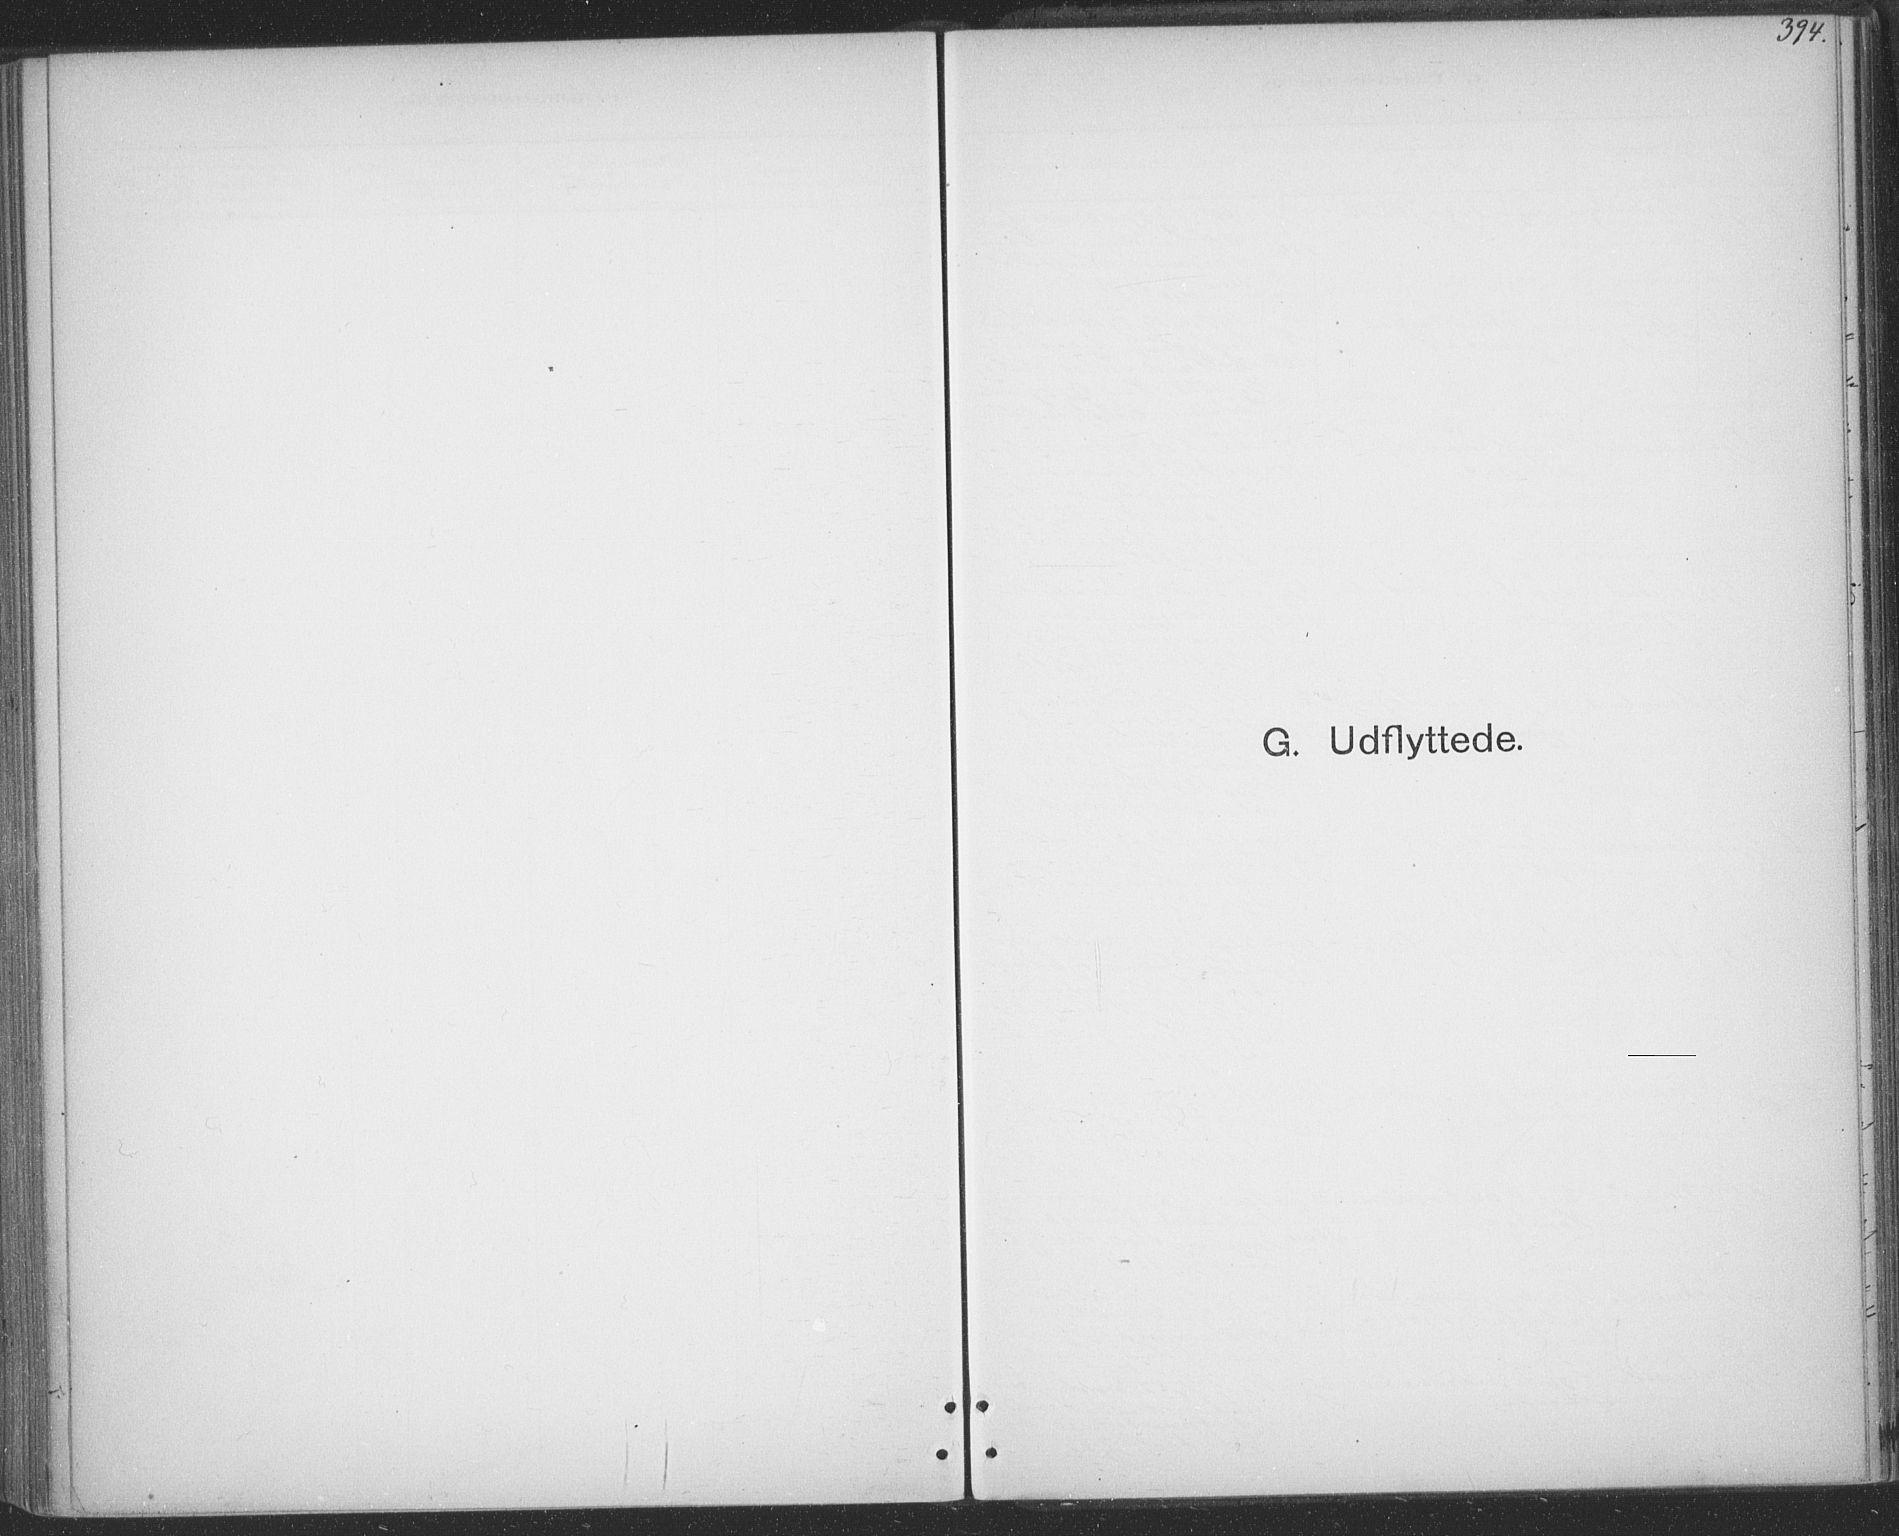 SAT, Ministerialprotokoller, klokkerbøker og fødselsregistre - Sør-Trøndelag, 691/L1085: Ministerialbok nr. 691A17, 1887-1908, s. 394